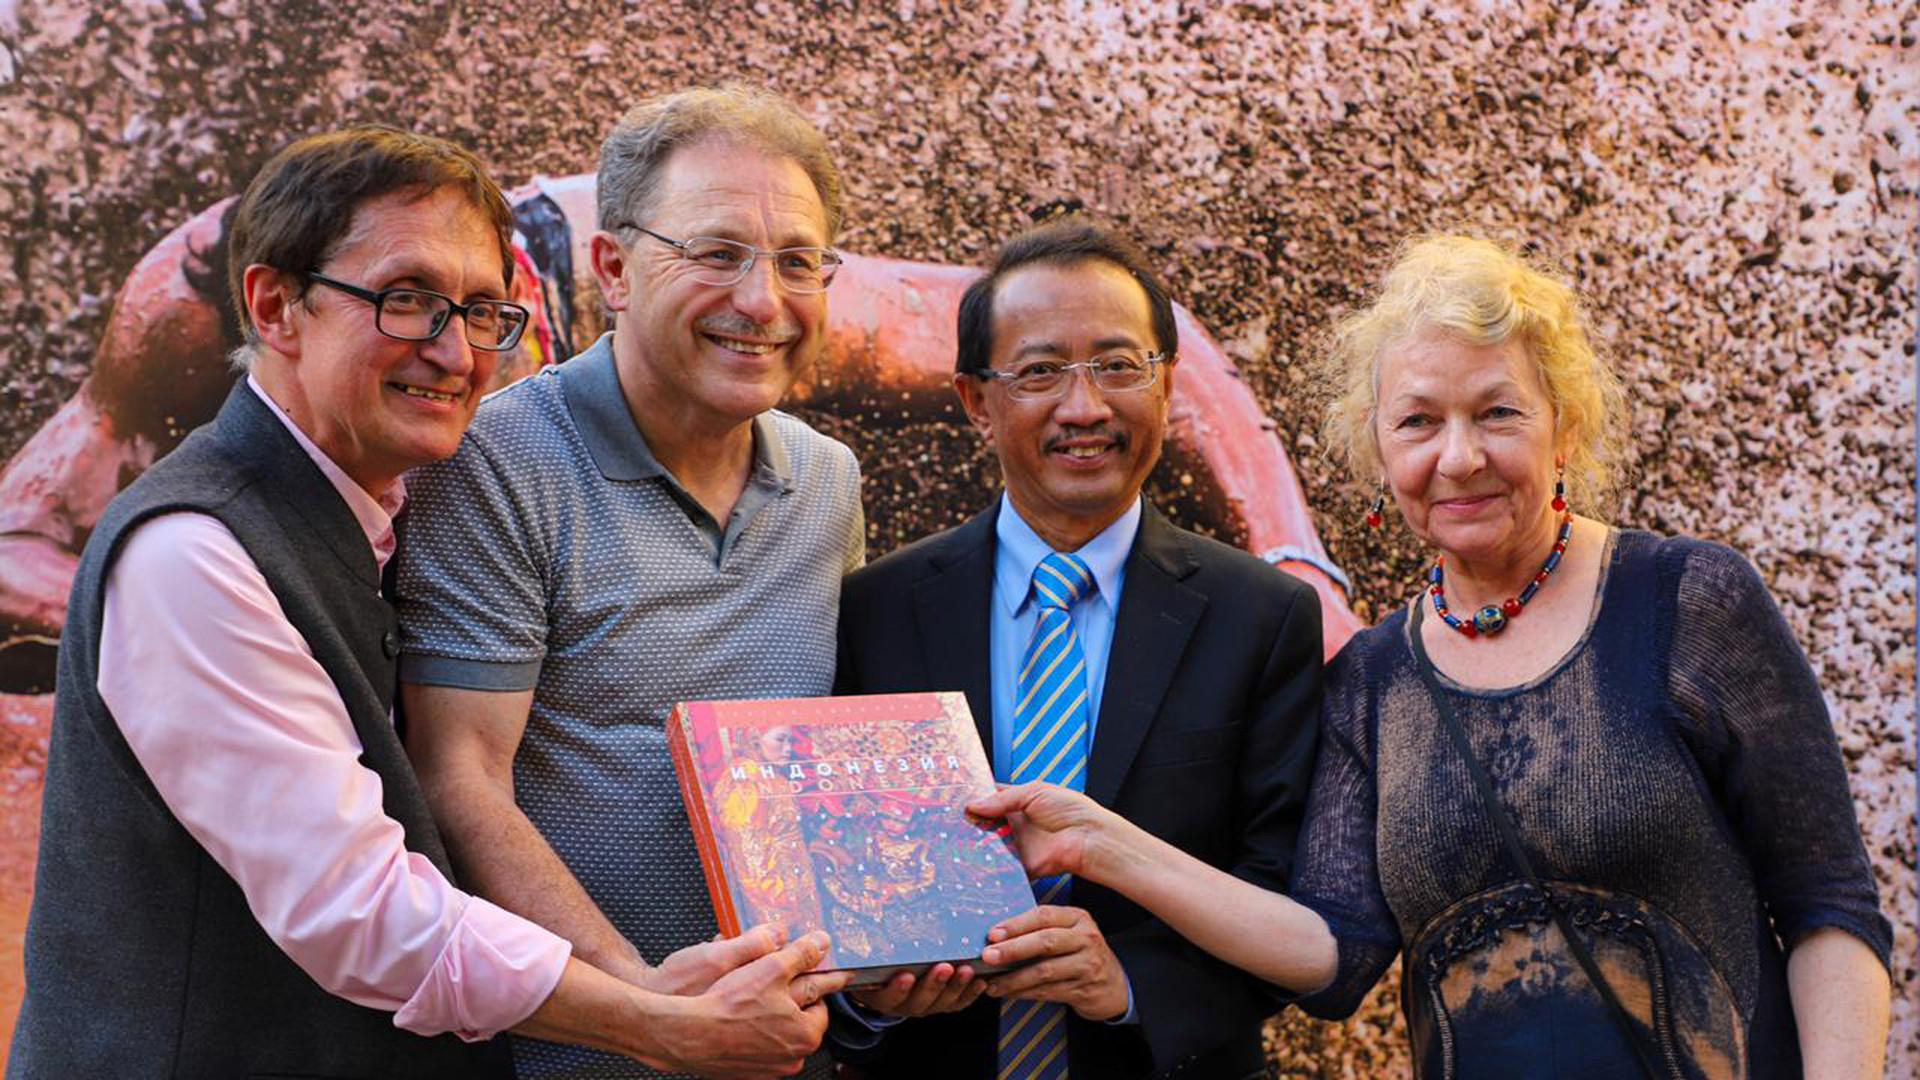 Sergey Kovalchuk berfoto bersama Duta Besar RI untuk Federasi Rusia M. Wahid Supriyadi (kedua dari kanan), Direktur ASEAN Center MGIMO Victor Sumsky (kiri), dan Editor Natalia Gozheva saat peluncuran buku dan pembukaan pameran di Museum Nasional Seni Oriental Moskow, Rabu (29/5).